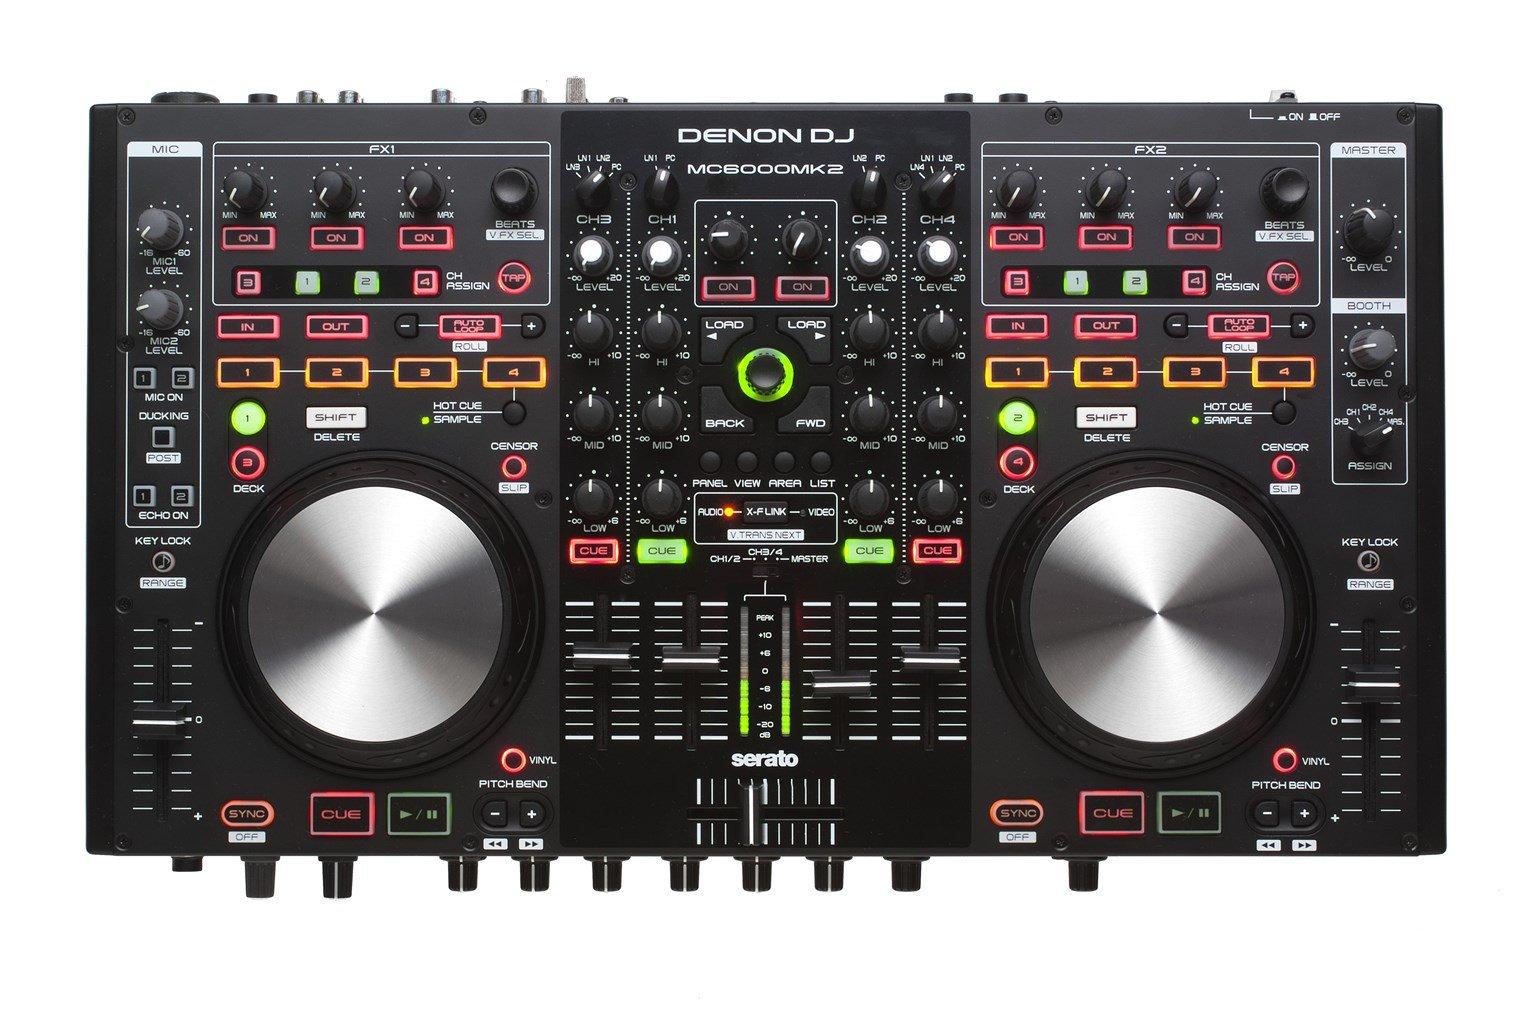 Denon DJ MC6000MK2 | Premium Digital DJ Controller & Mixer with full Serato DJ download (4-Channel / 4-Deck / 8-Source)